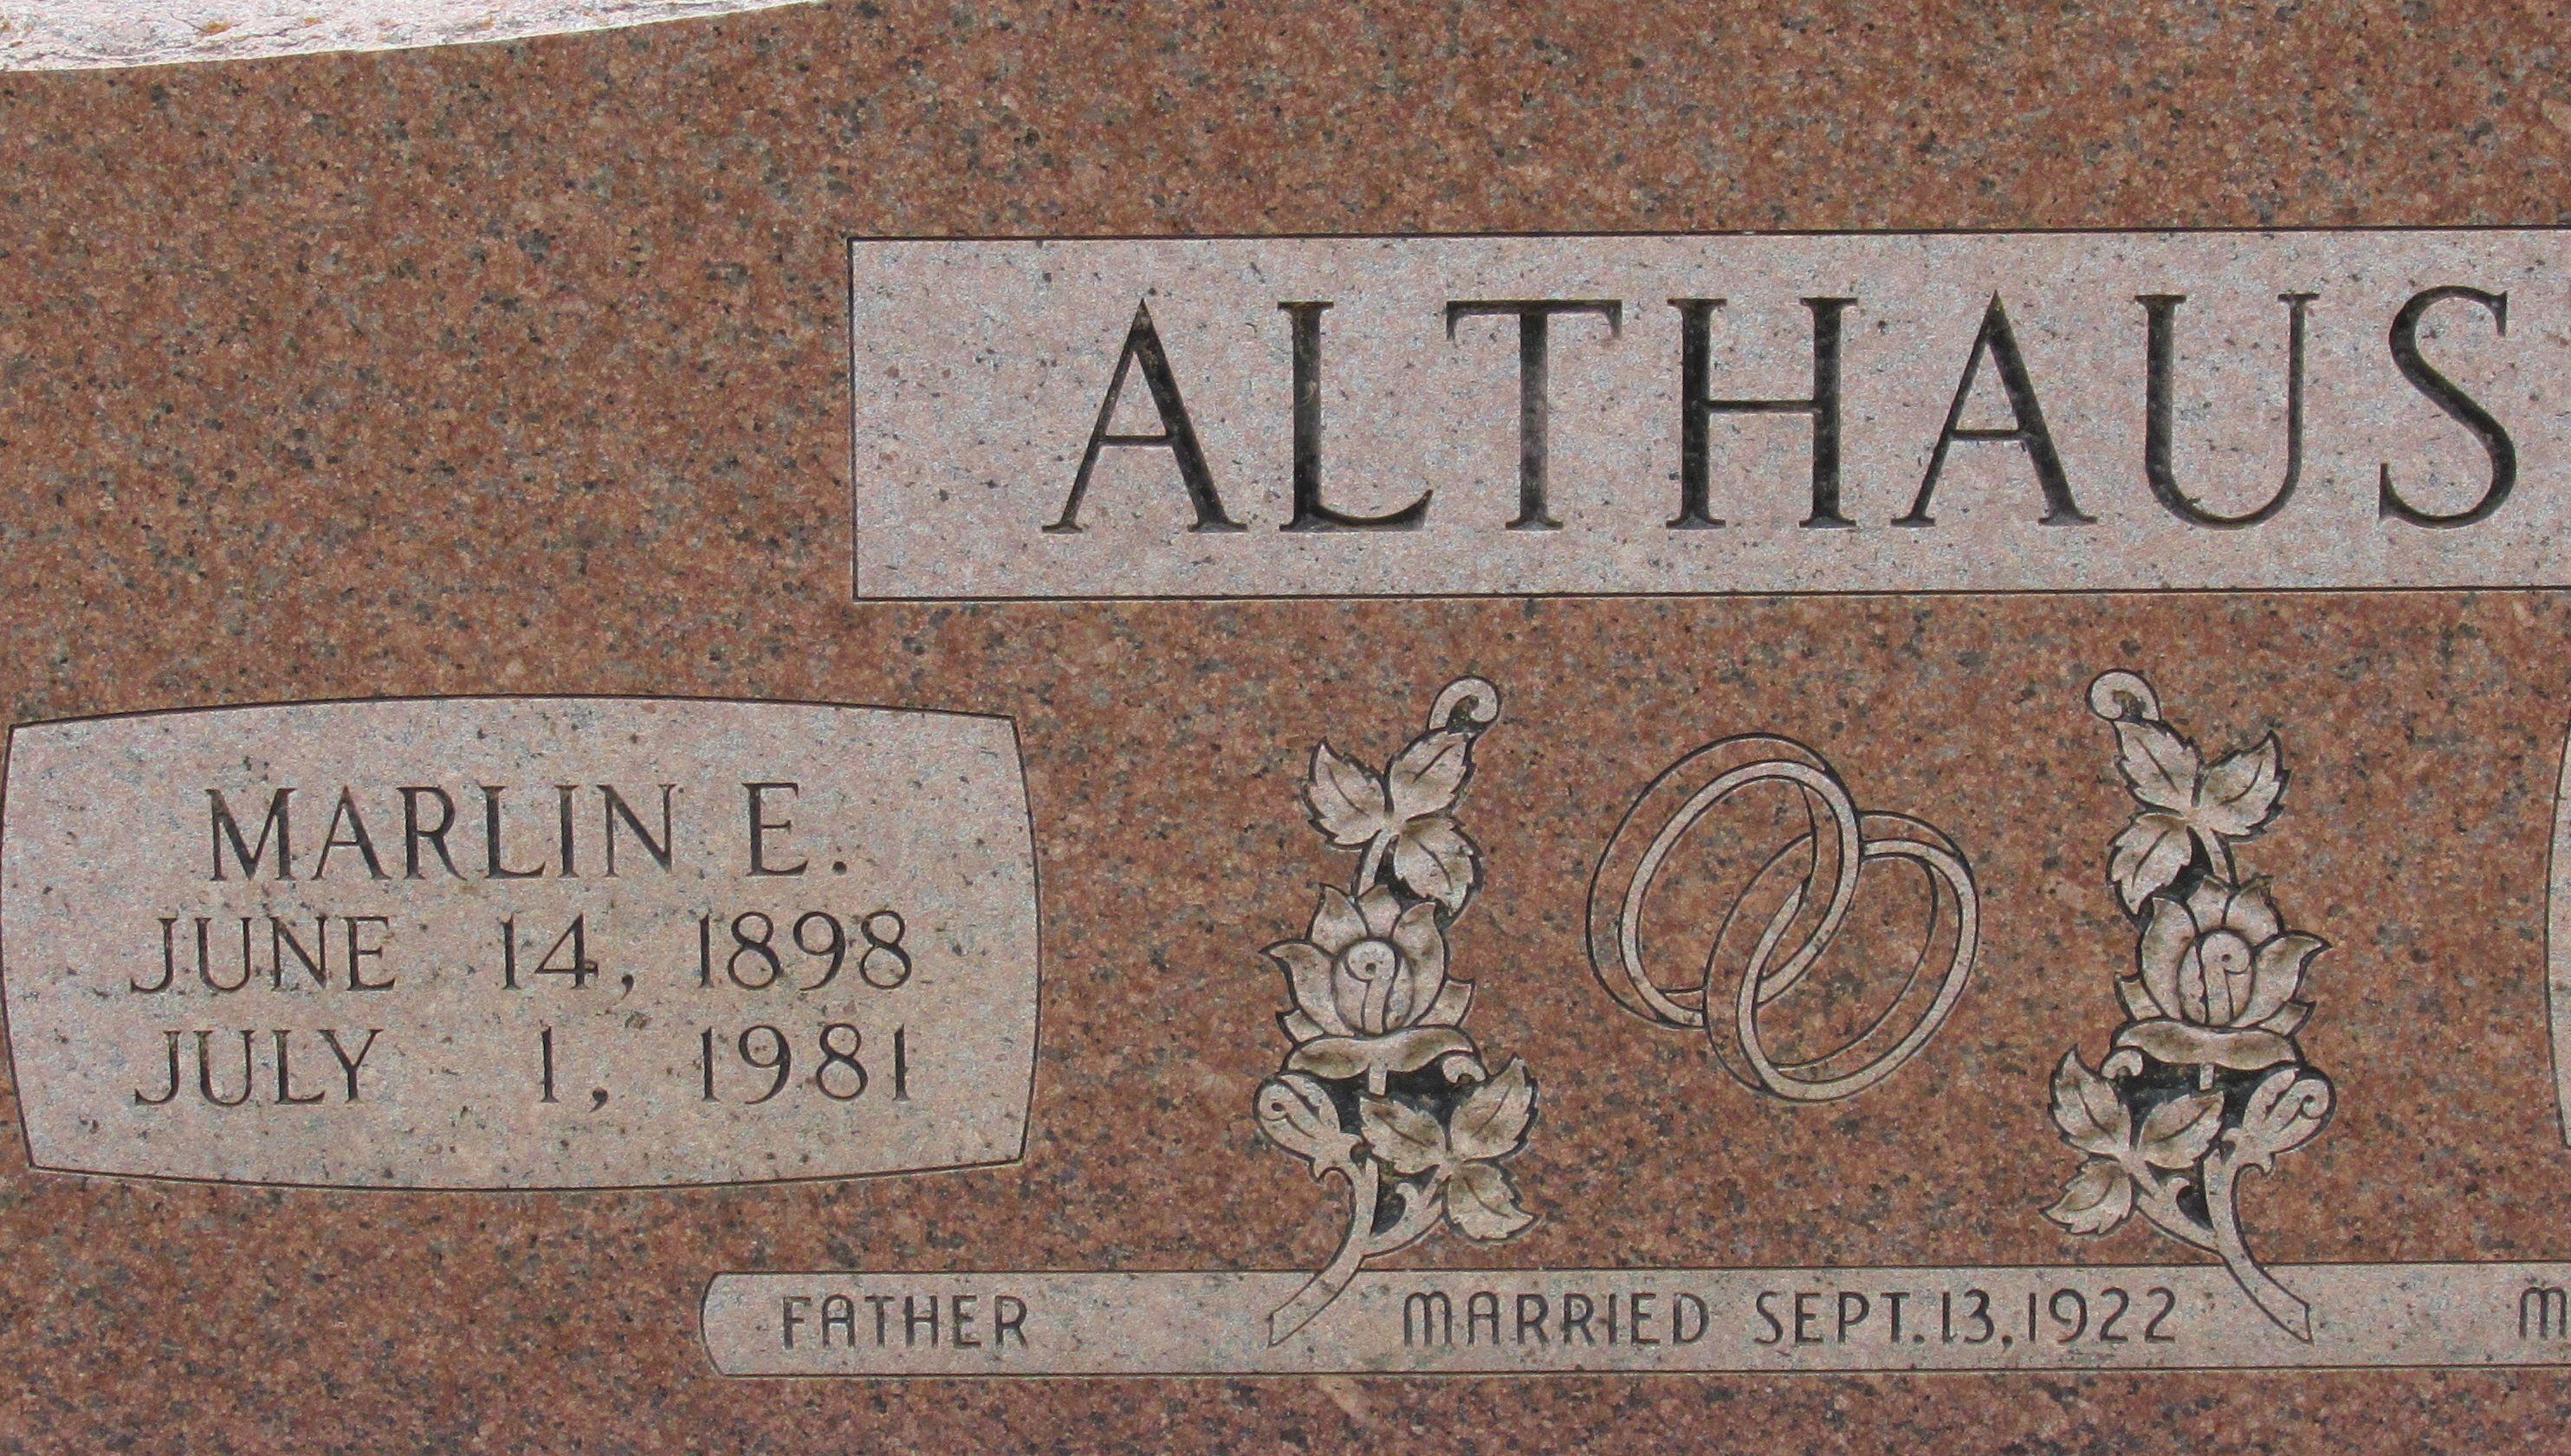 Marlin Ernest Althaus